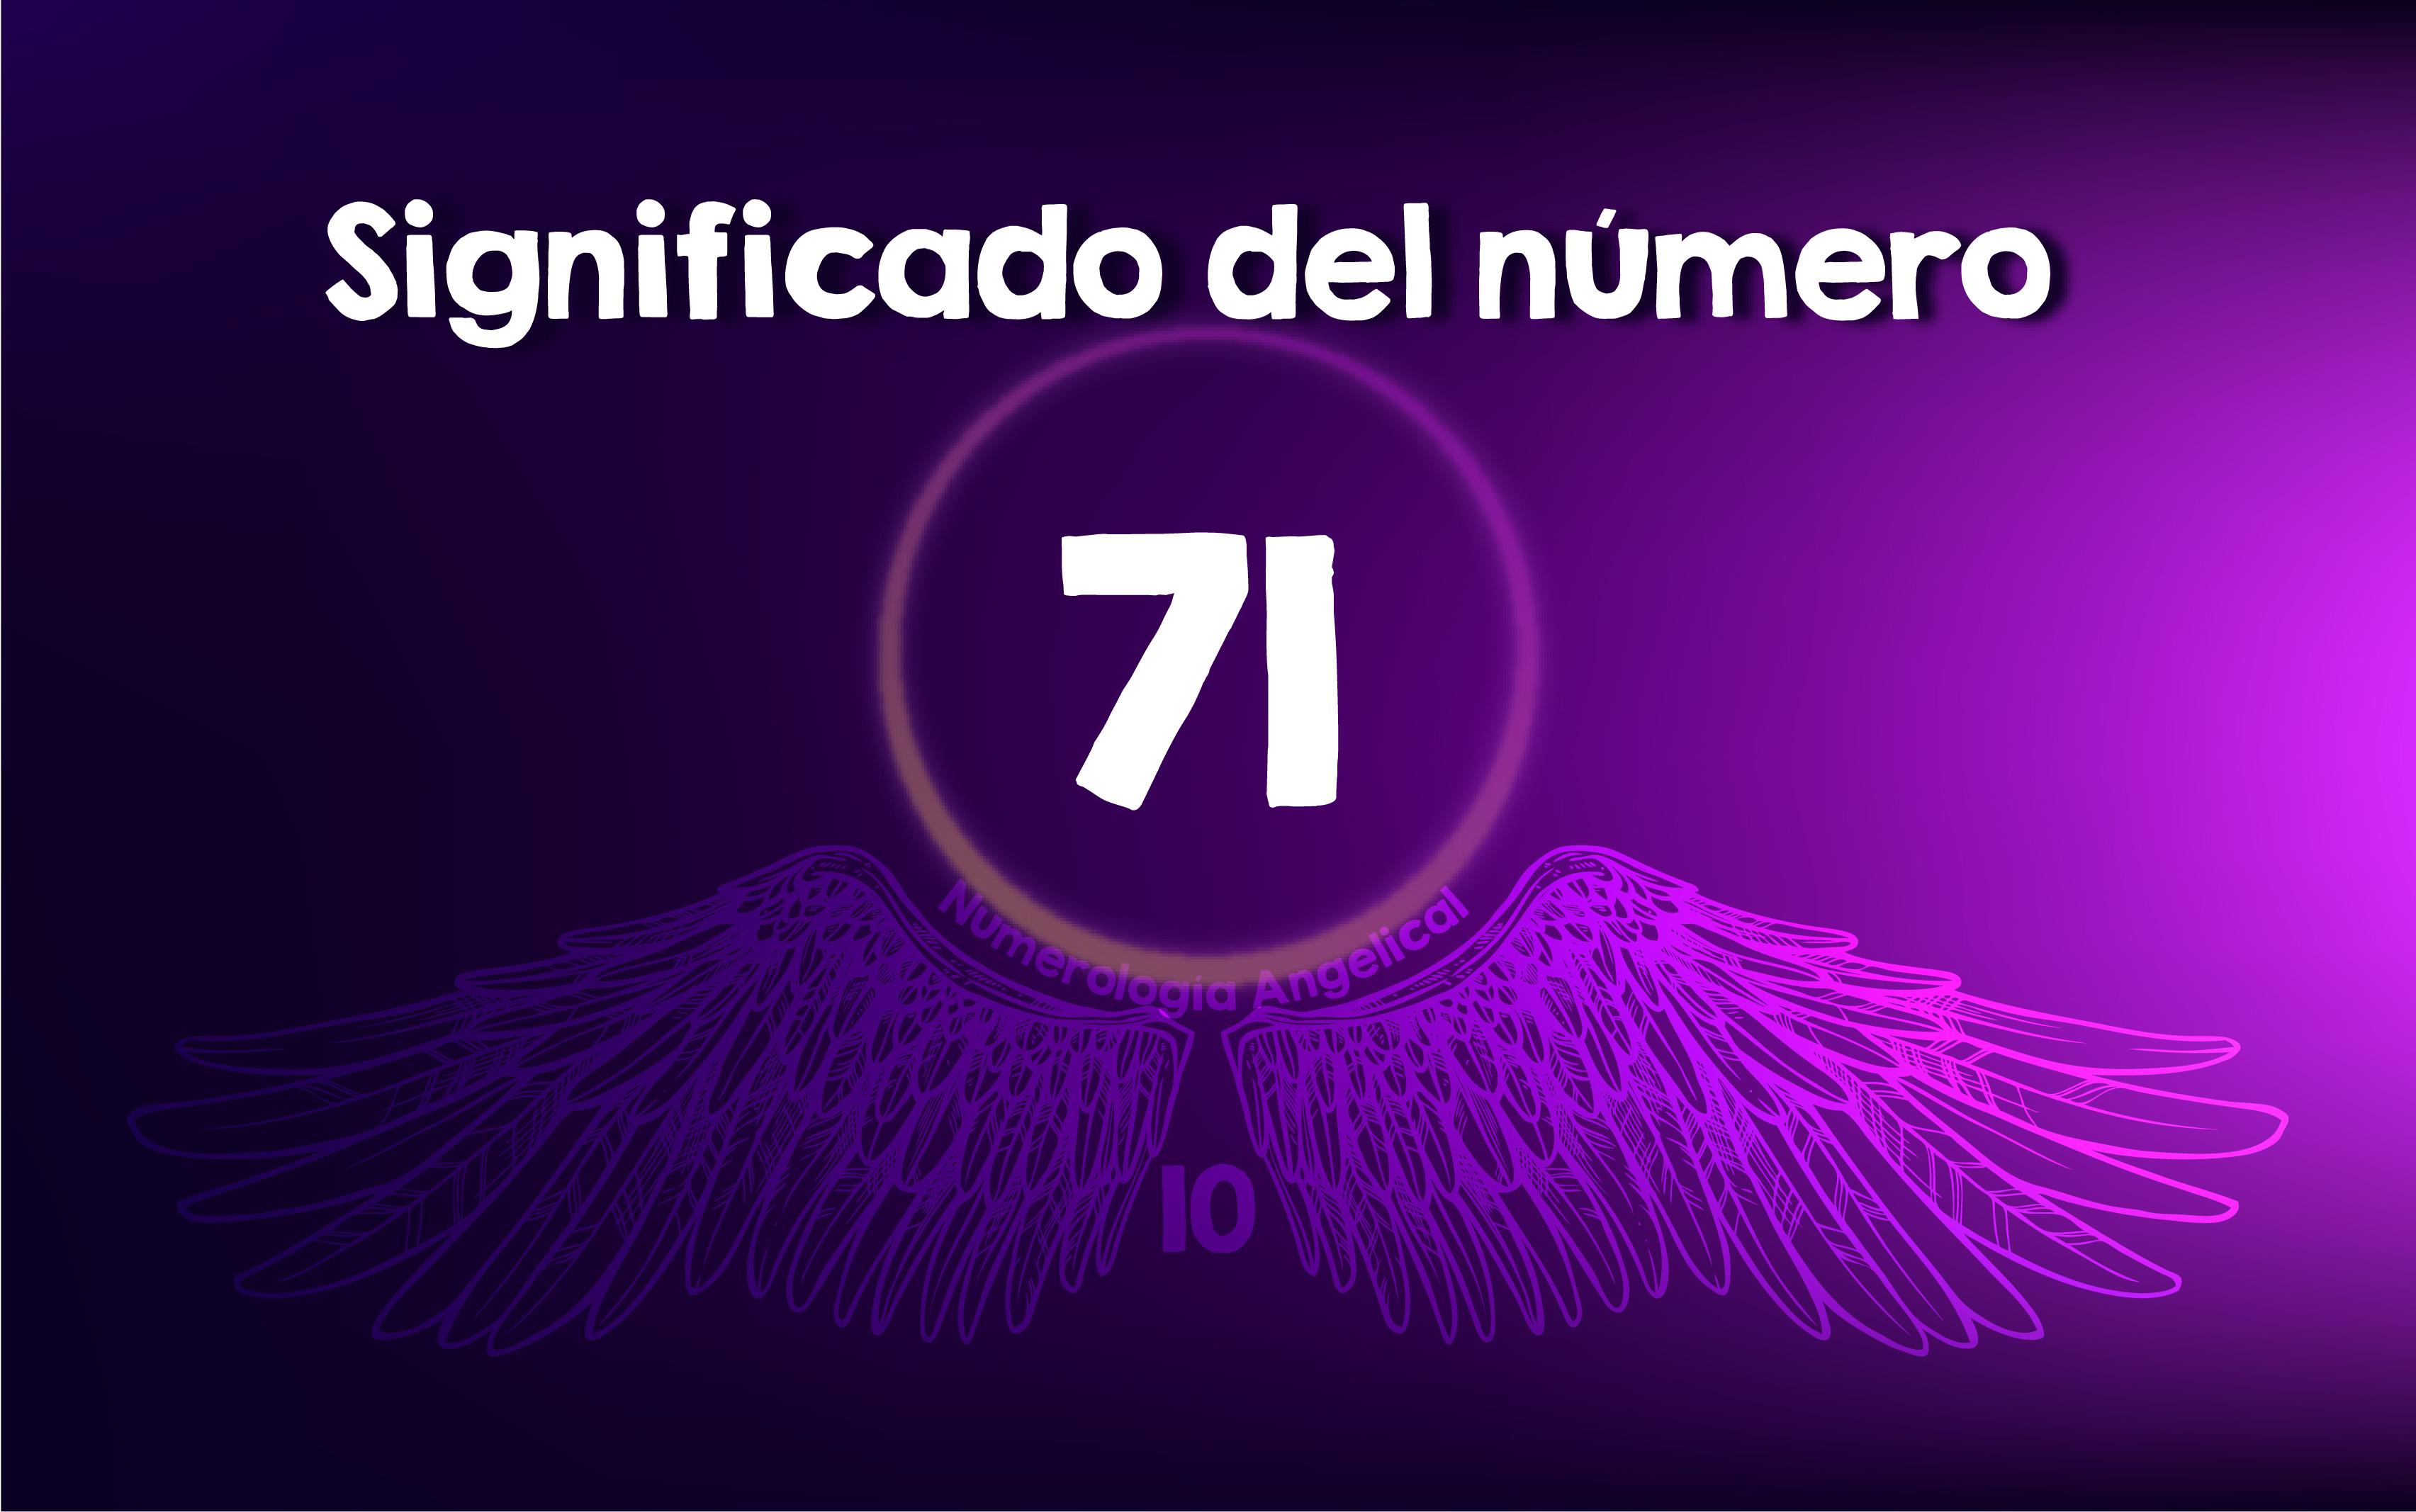 Significado del número 71